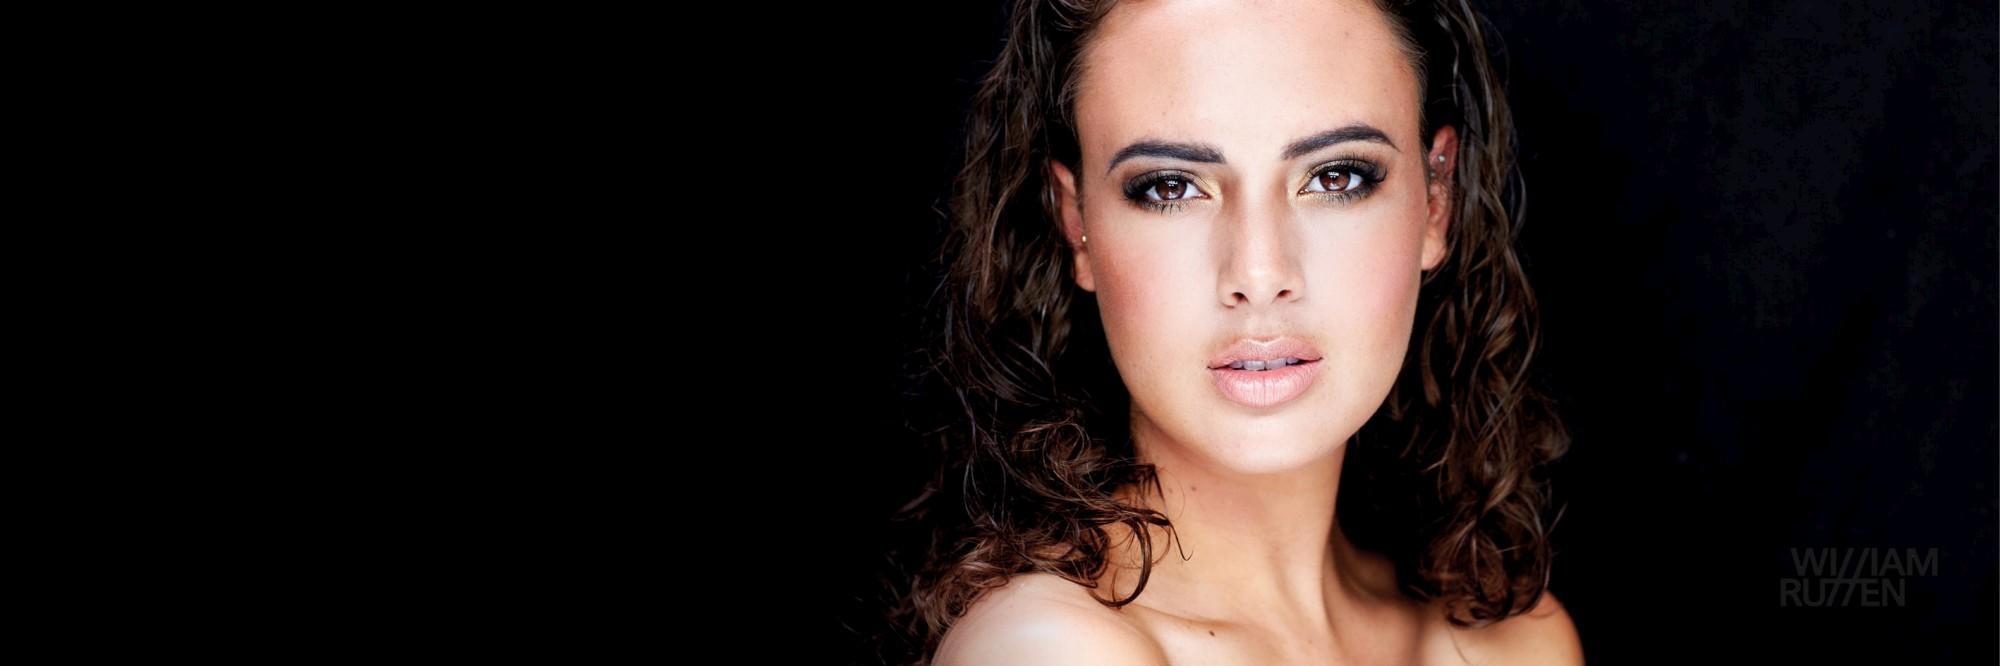 Inschrijving voor Miss Nederland 2017 sluit 1 mei!